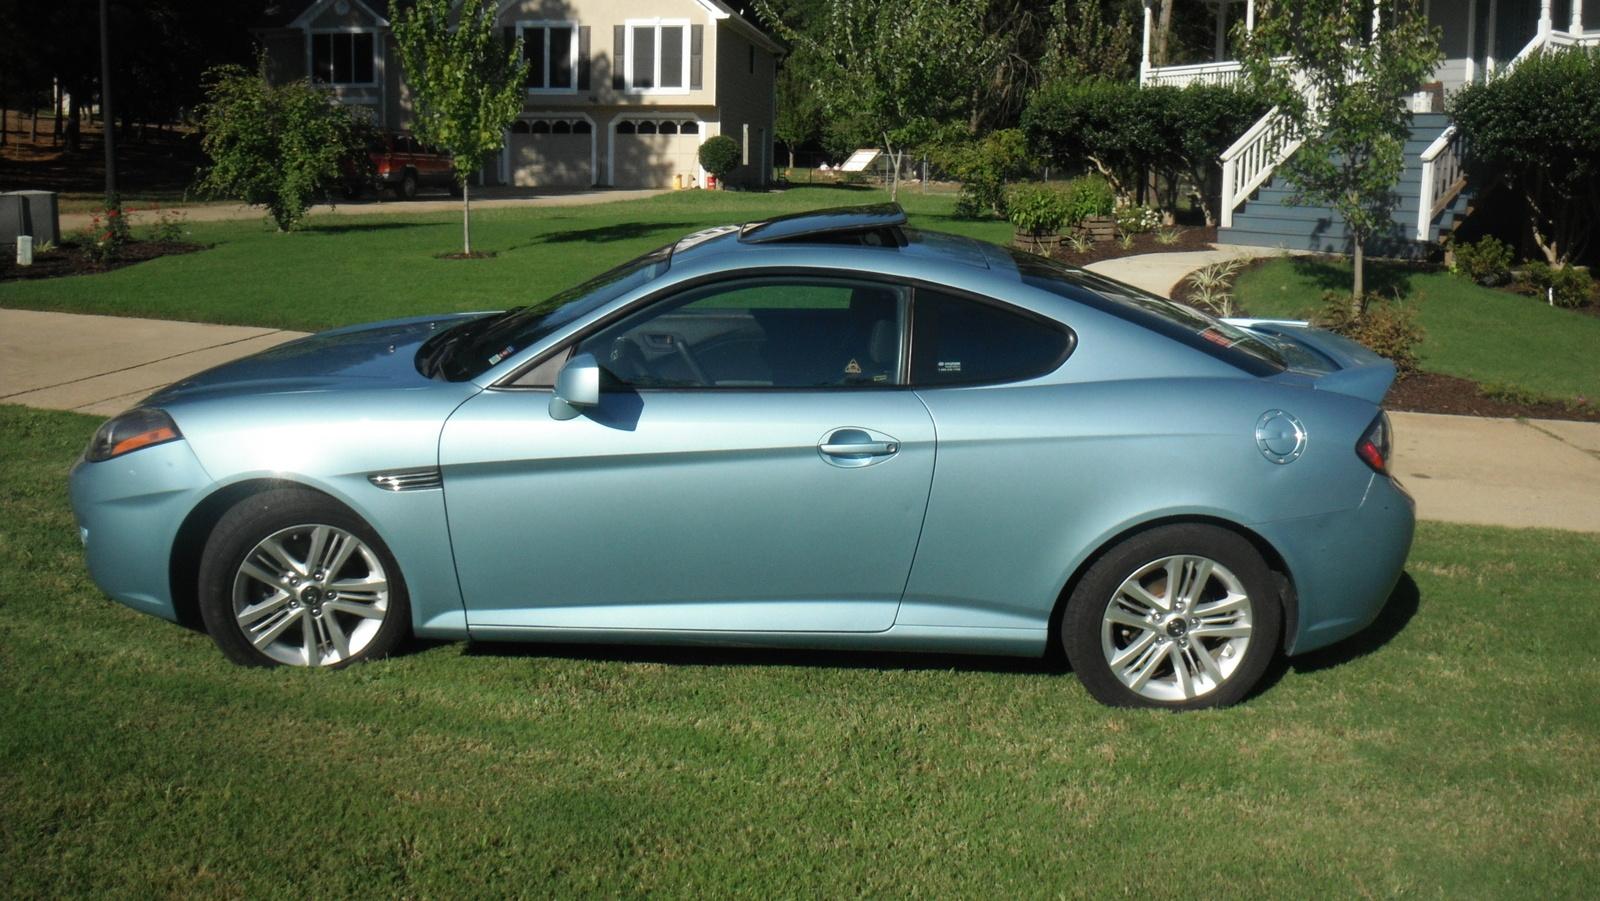 2007 Hyundai Tiburon Pictures Cargurus